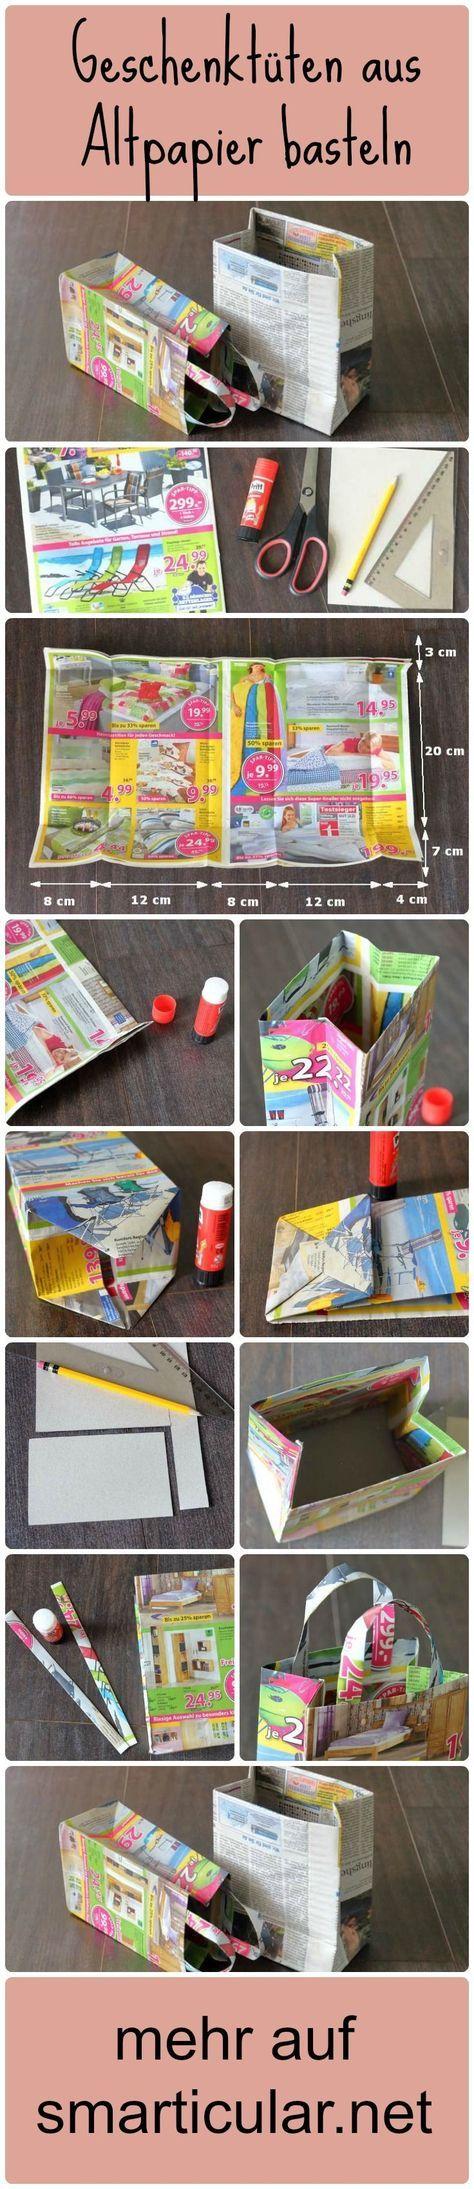 Geschenktüten aus Altpapier basteln - Nutzlose Prospekte mit neuer Bestimmung #ideisuper